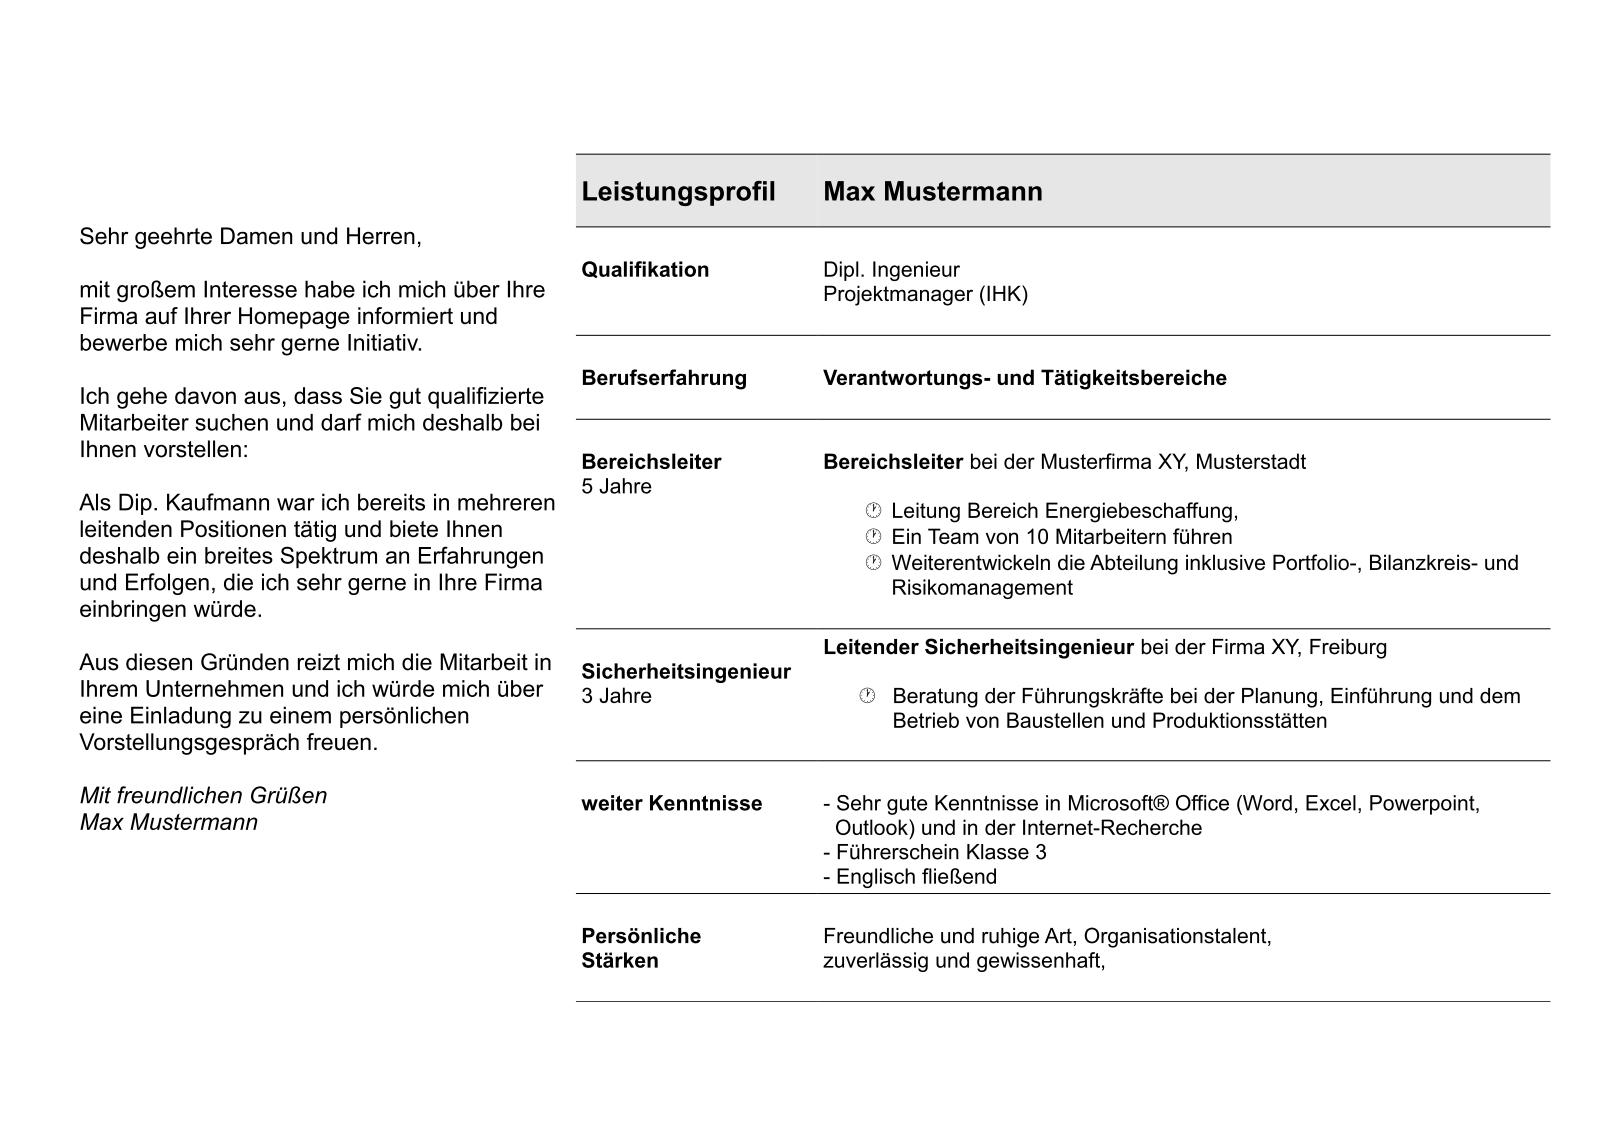 Bewerbungsflyer - alle wichtigen Infos zusammengefasst